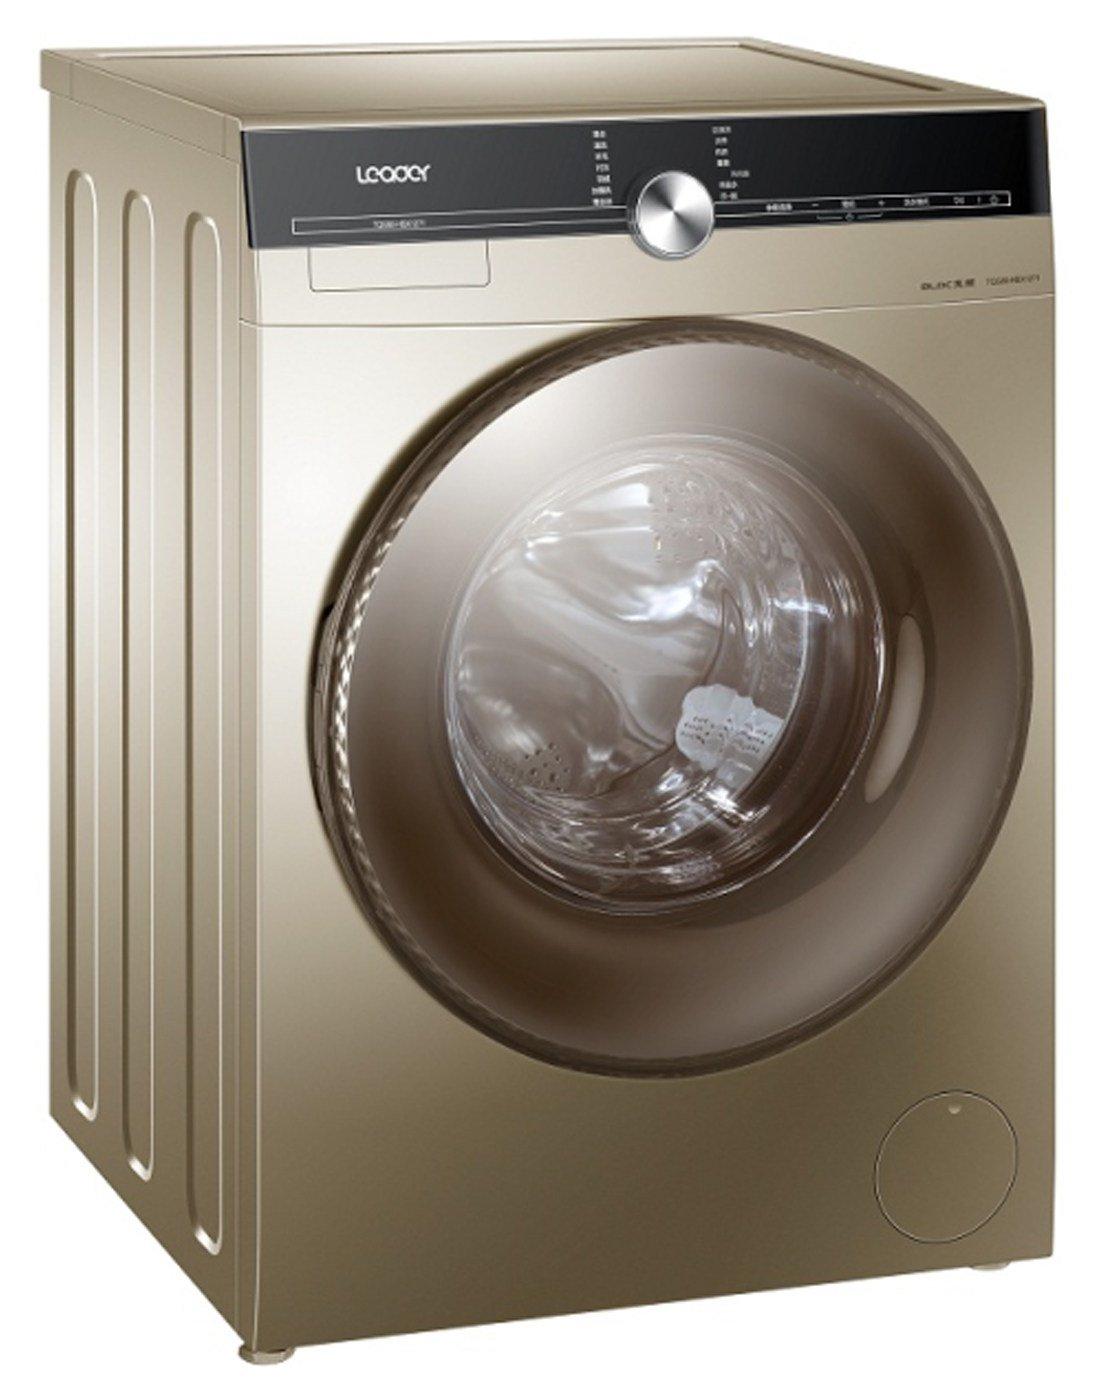 海尔统帅滚筒洗衣机8公斤 洗烘一体蒸汽烘干 变频电机 高温自清洁内